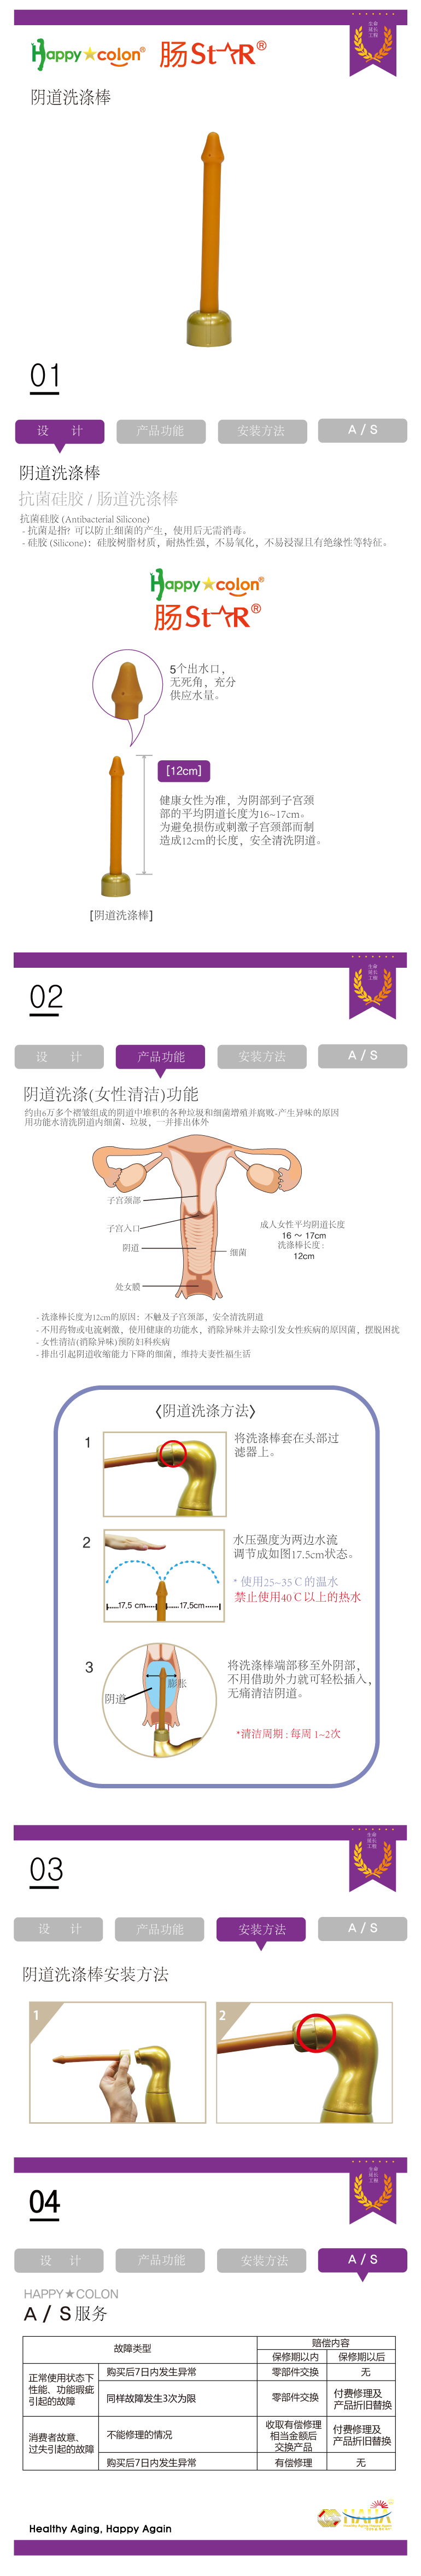 해피콜론-질세정봉-온라인-컨텐츠-중국어.png